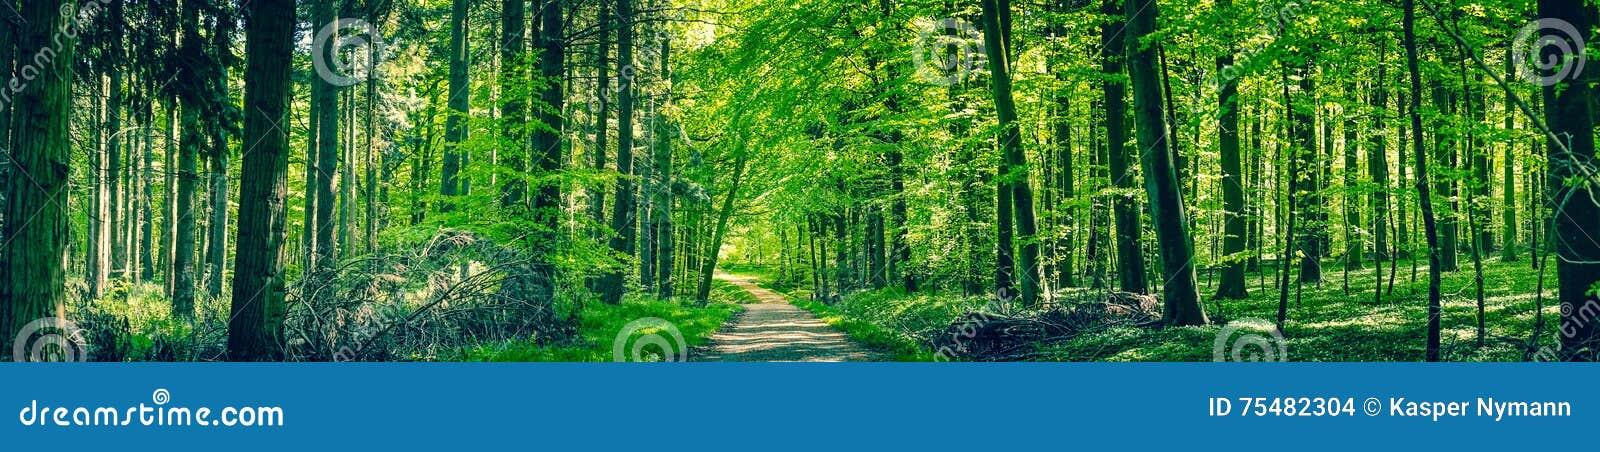 Groene bomen door een bosweg